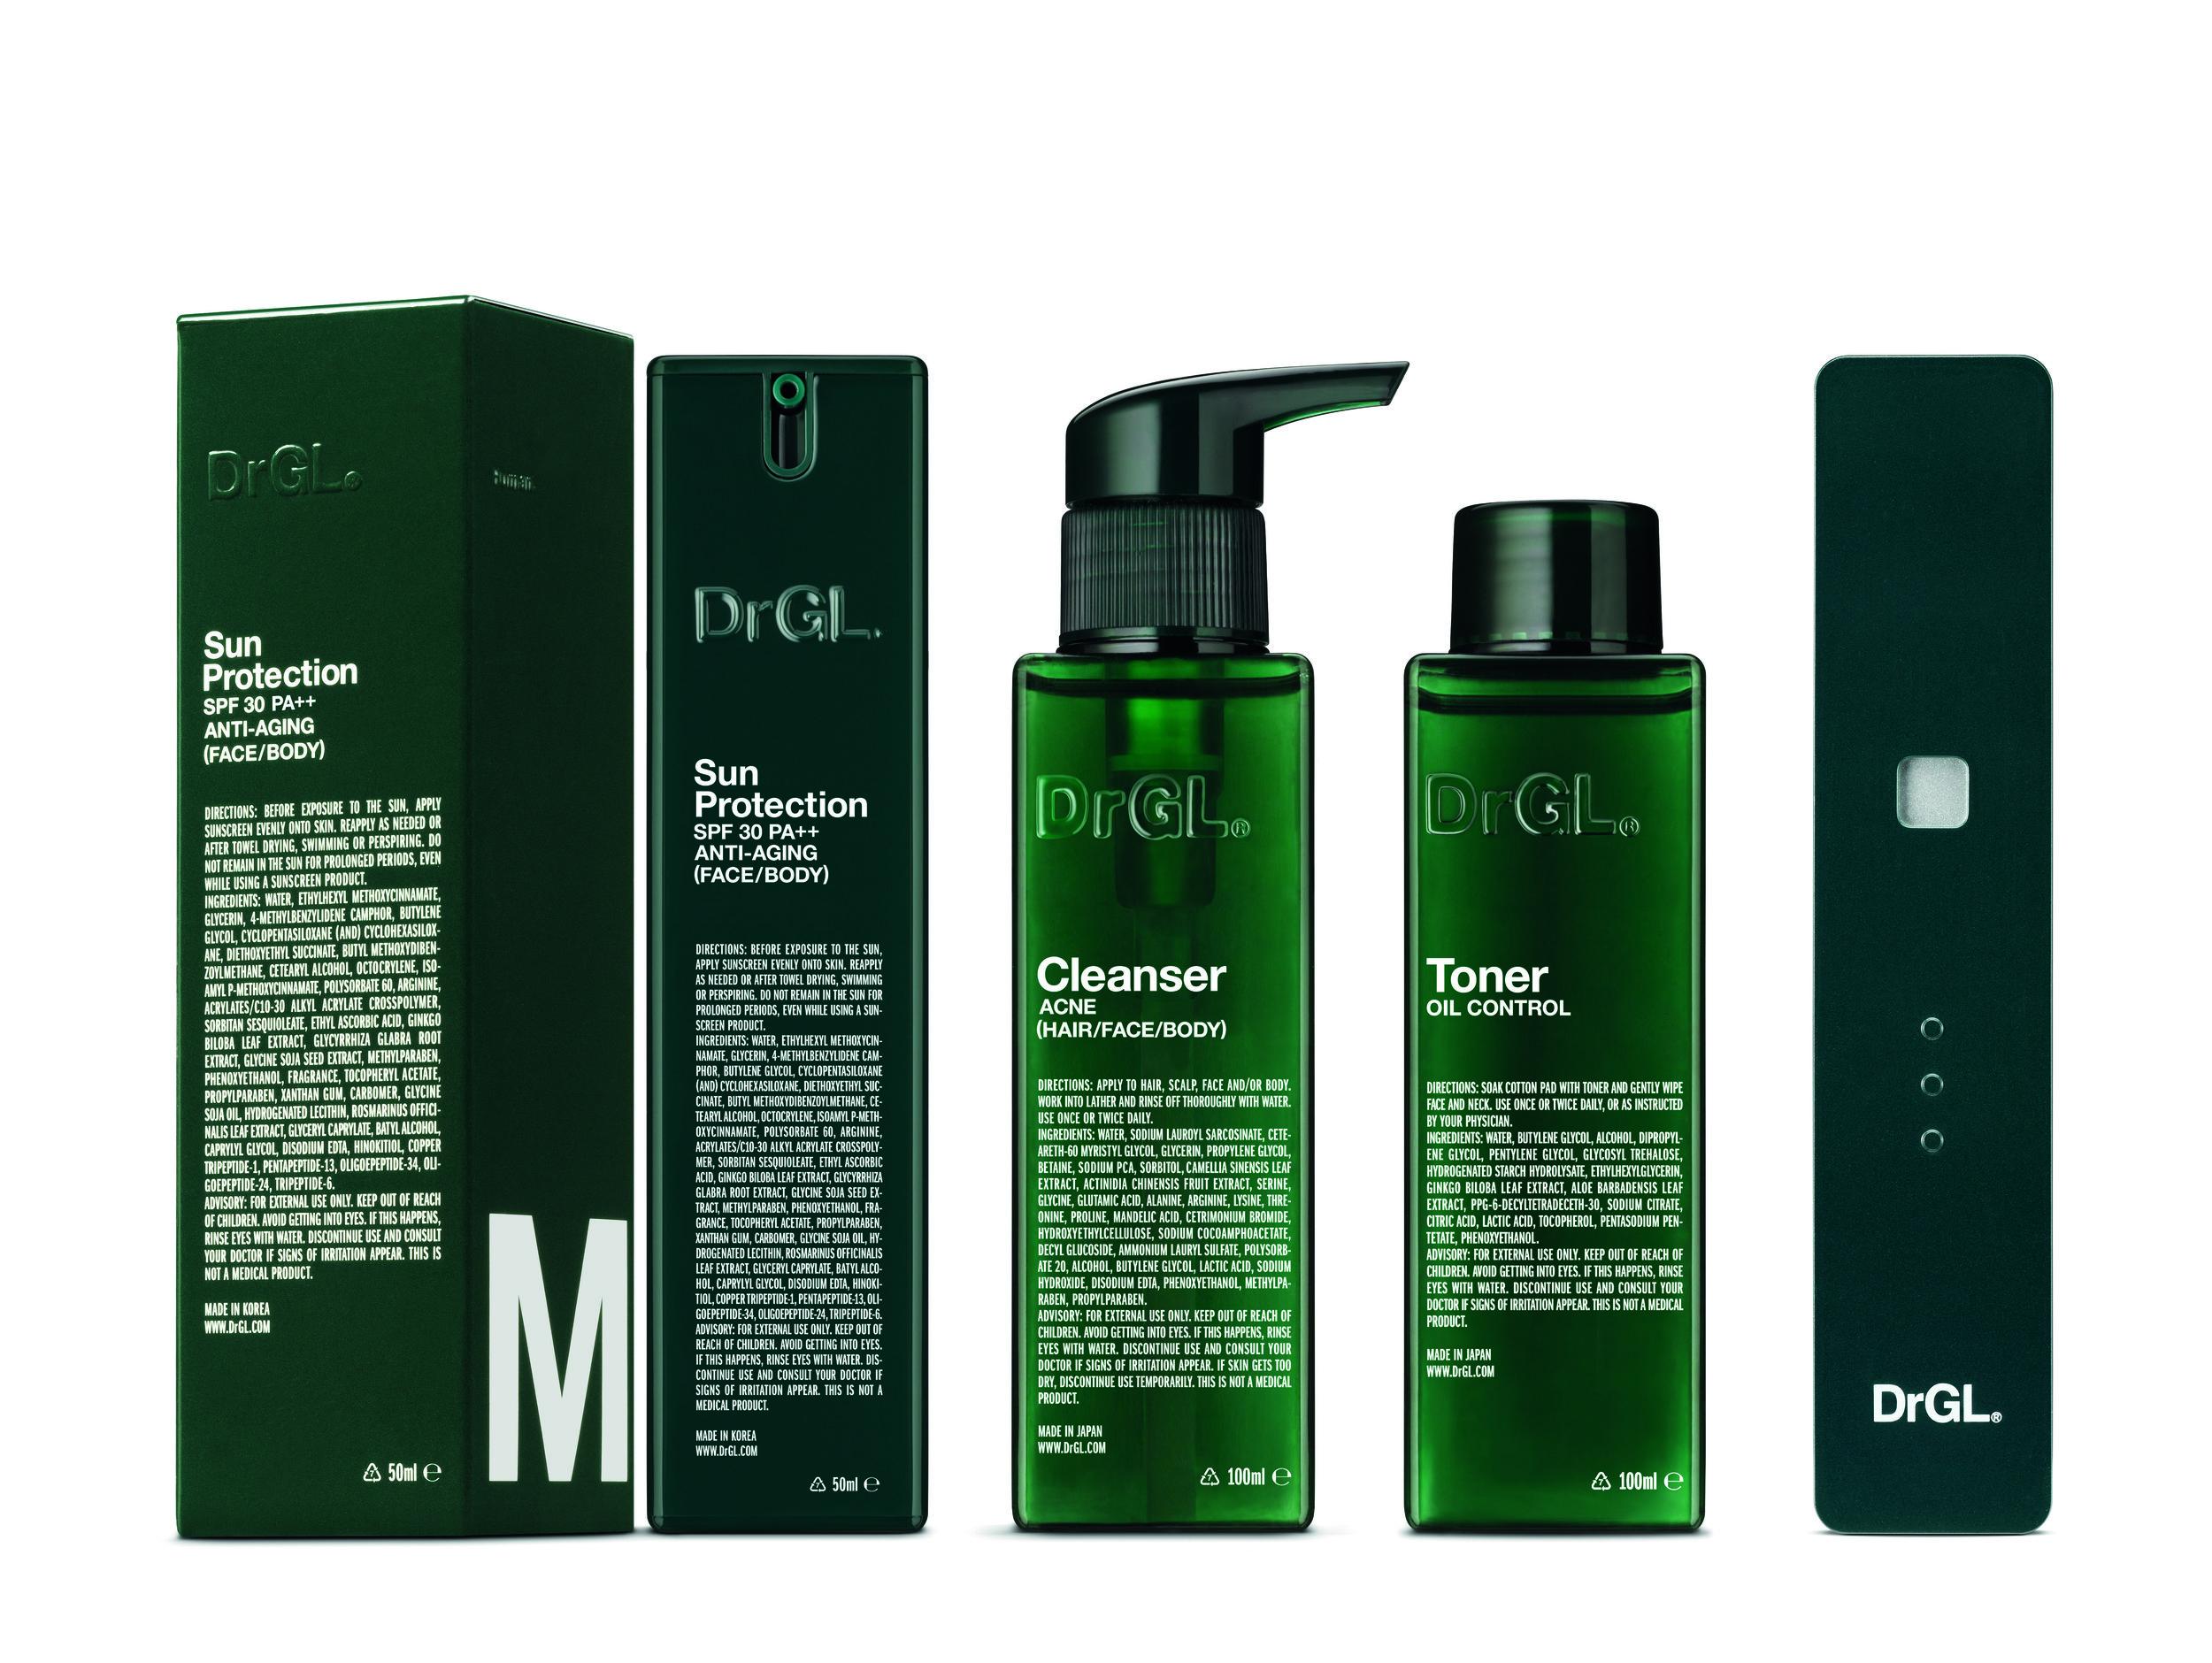 DrGL 03 Packaging Bottles.jpg